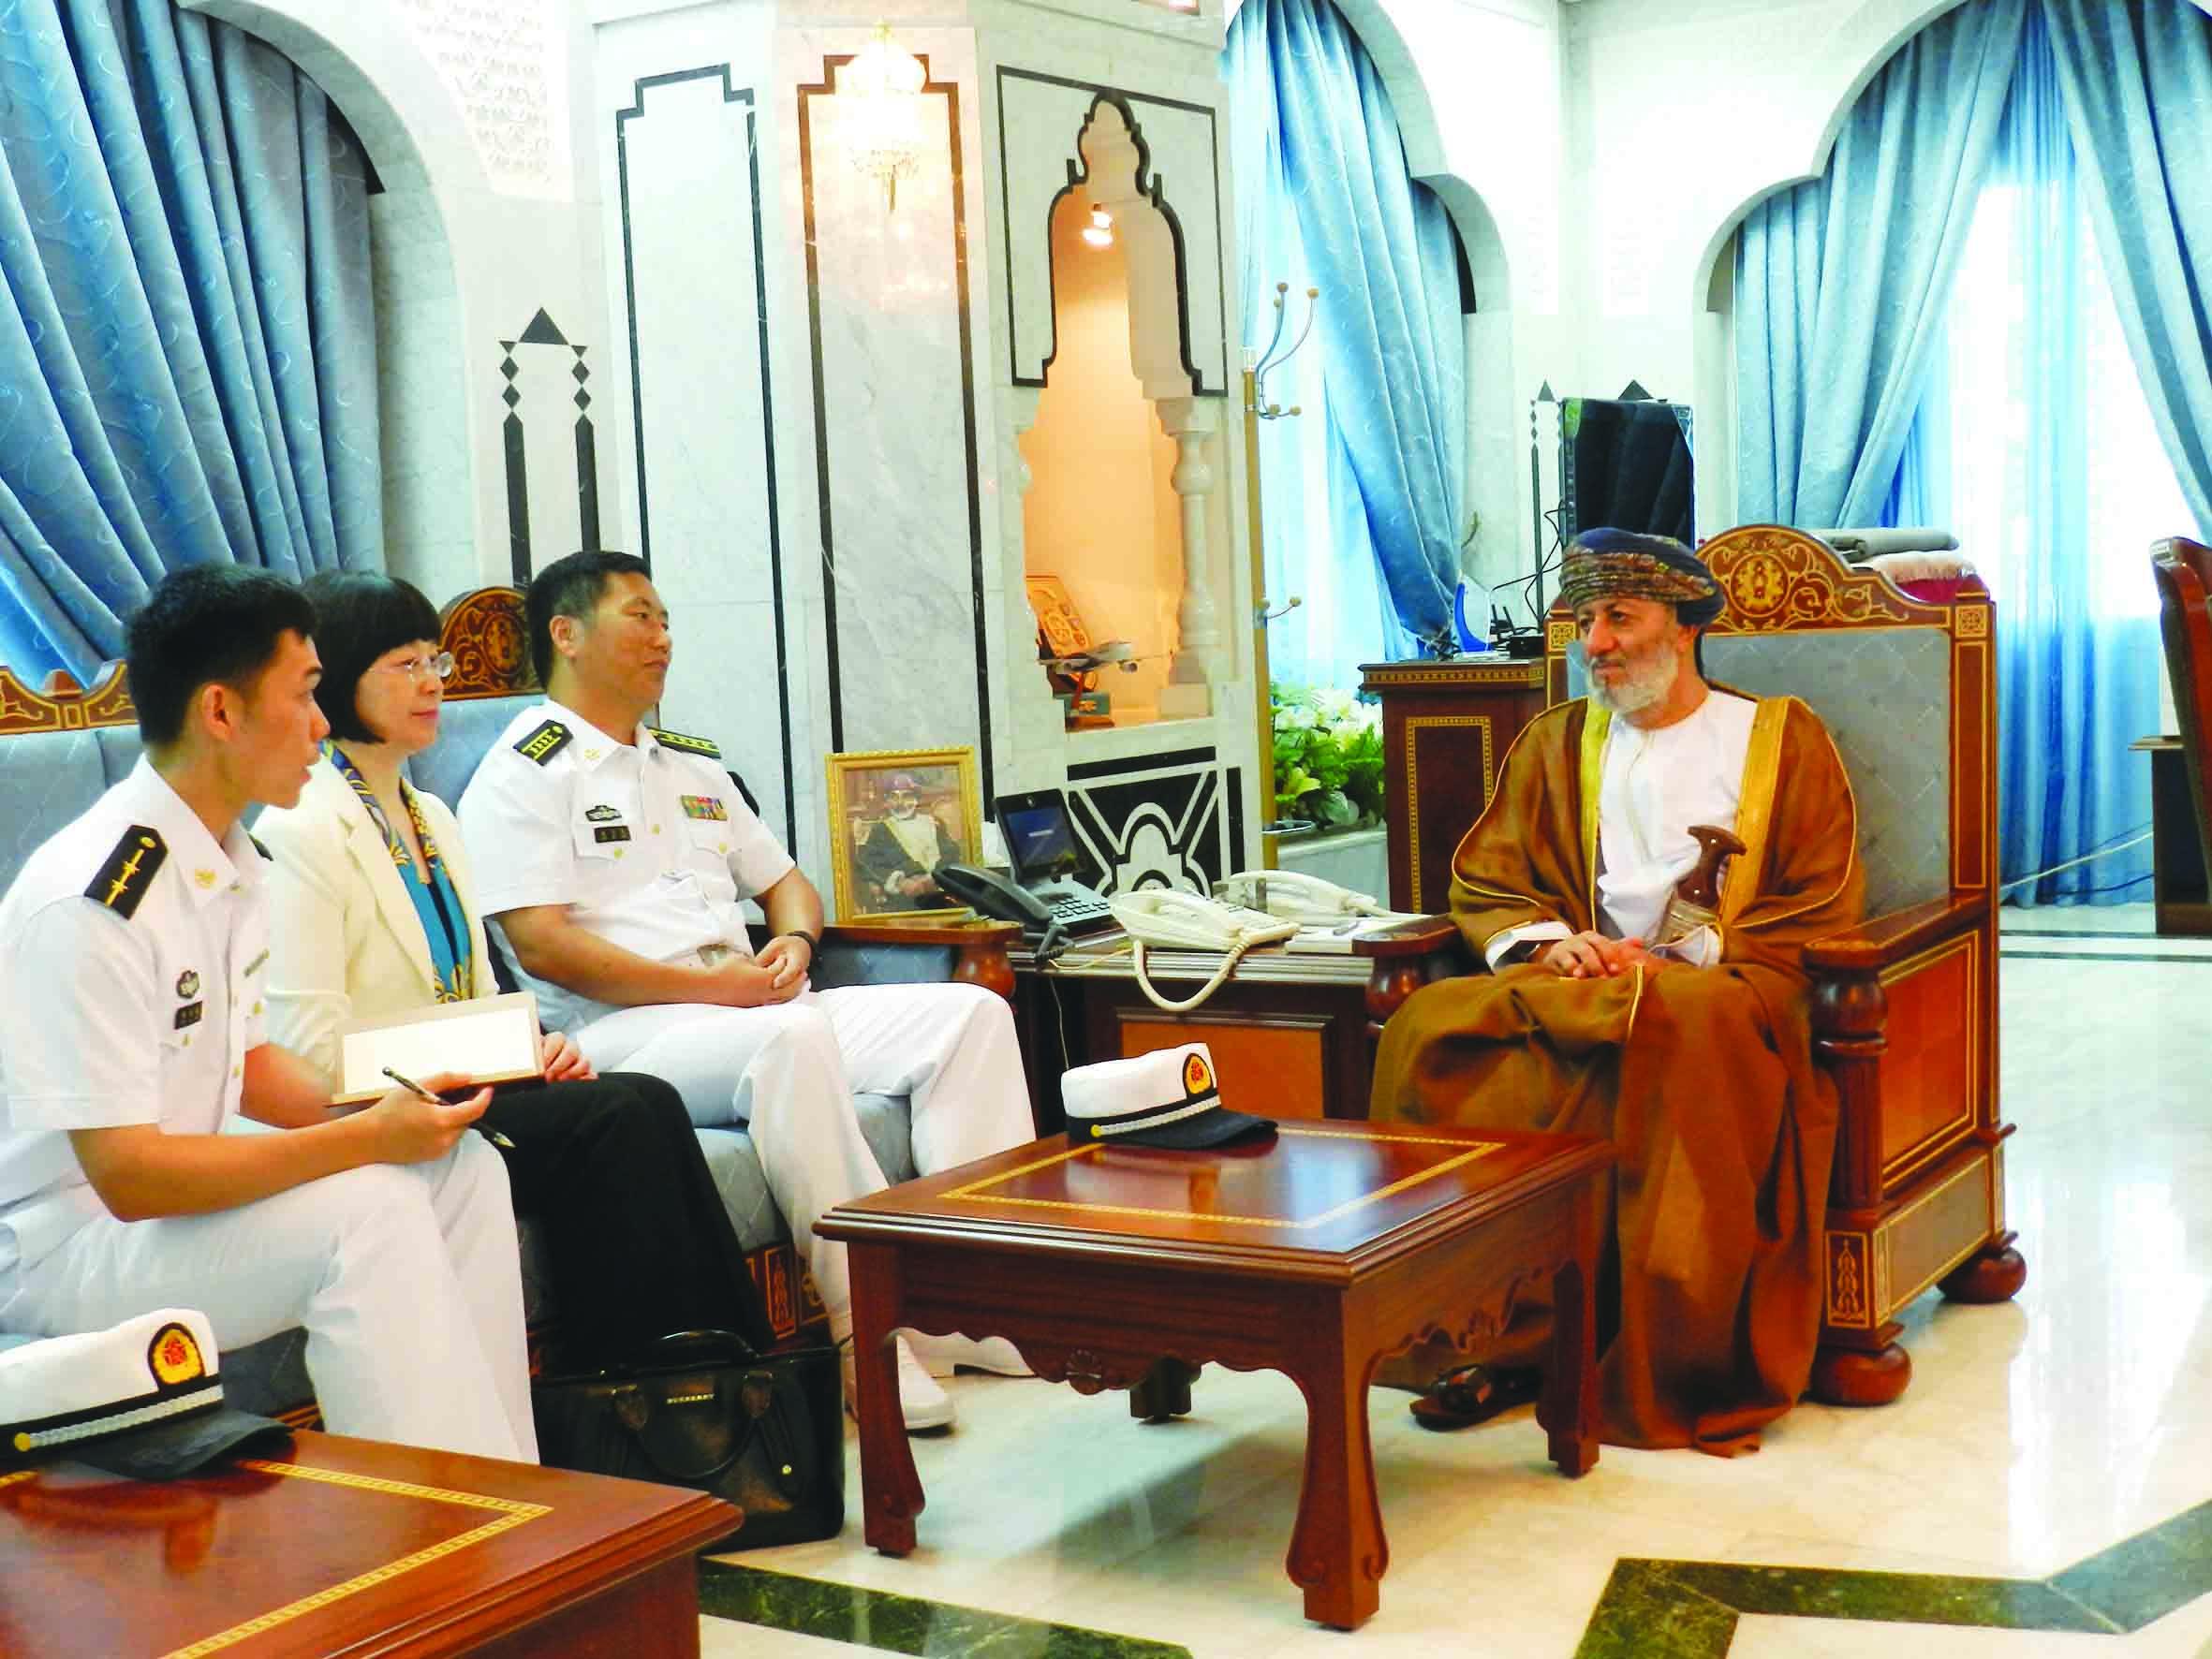 البوسعيدي يستقبل قائد السفينة الصينية